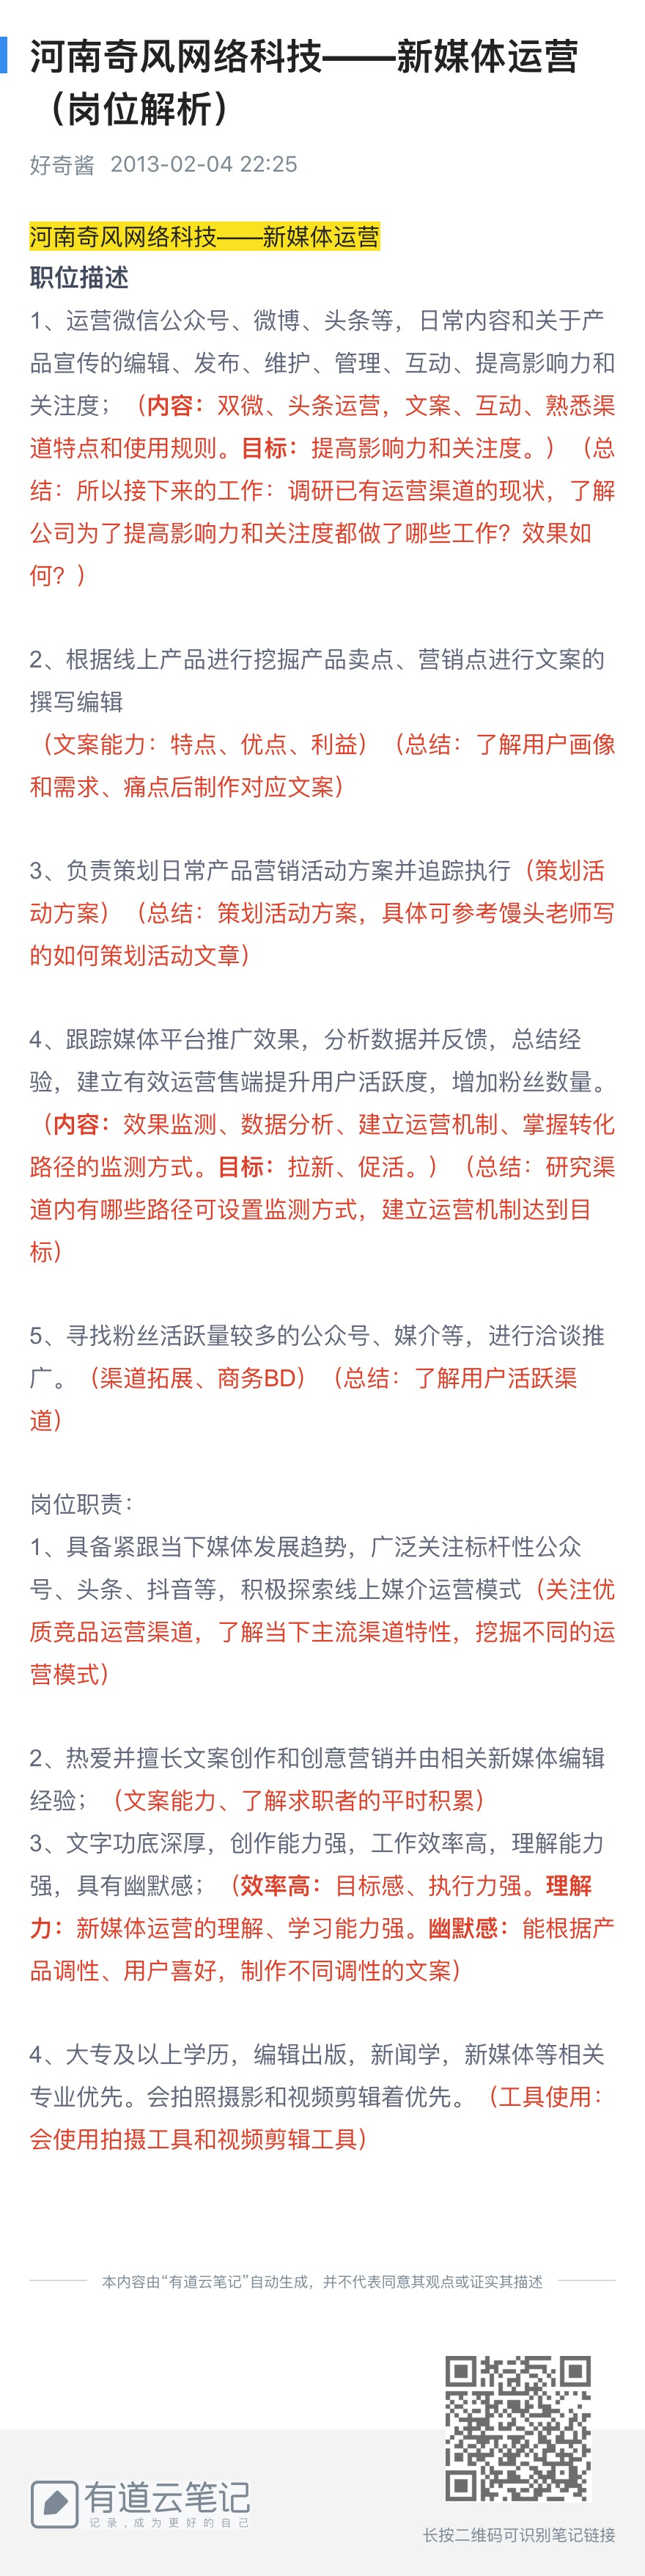 河南奇风网络科技岗位解析.jpg